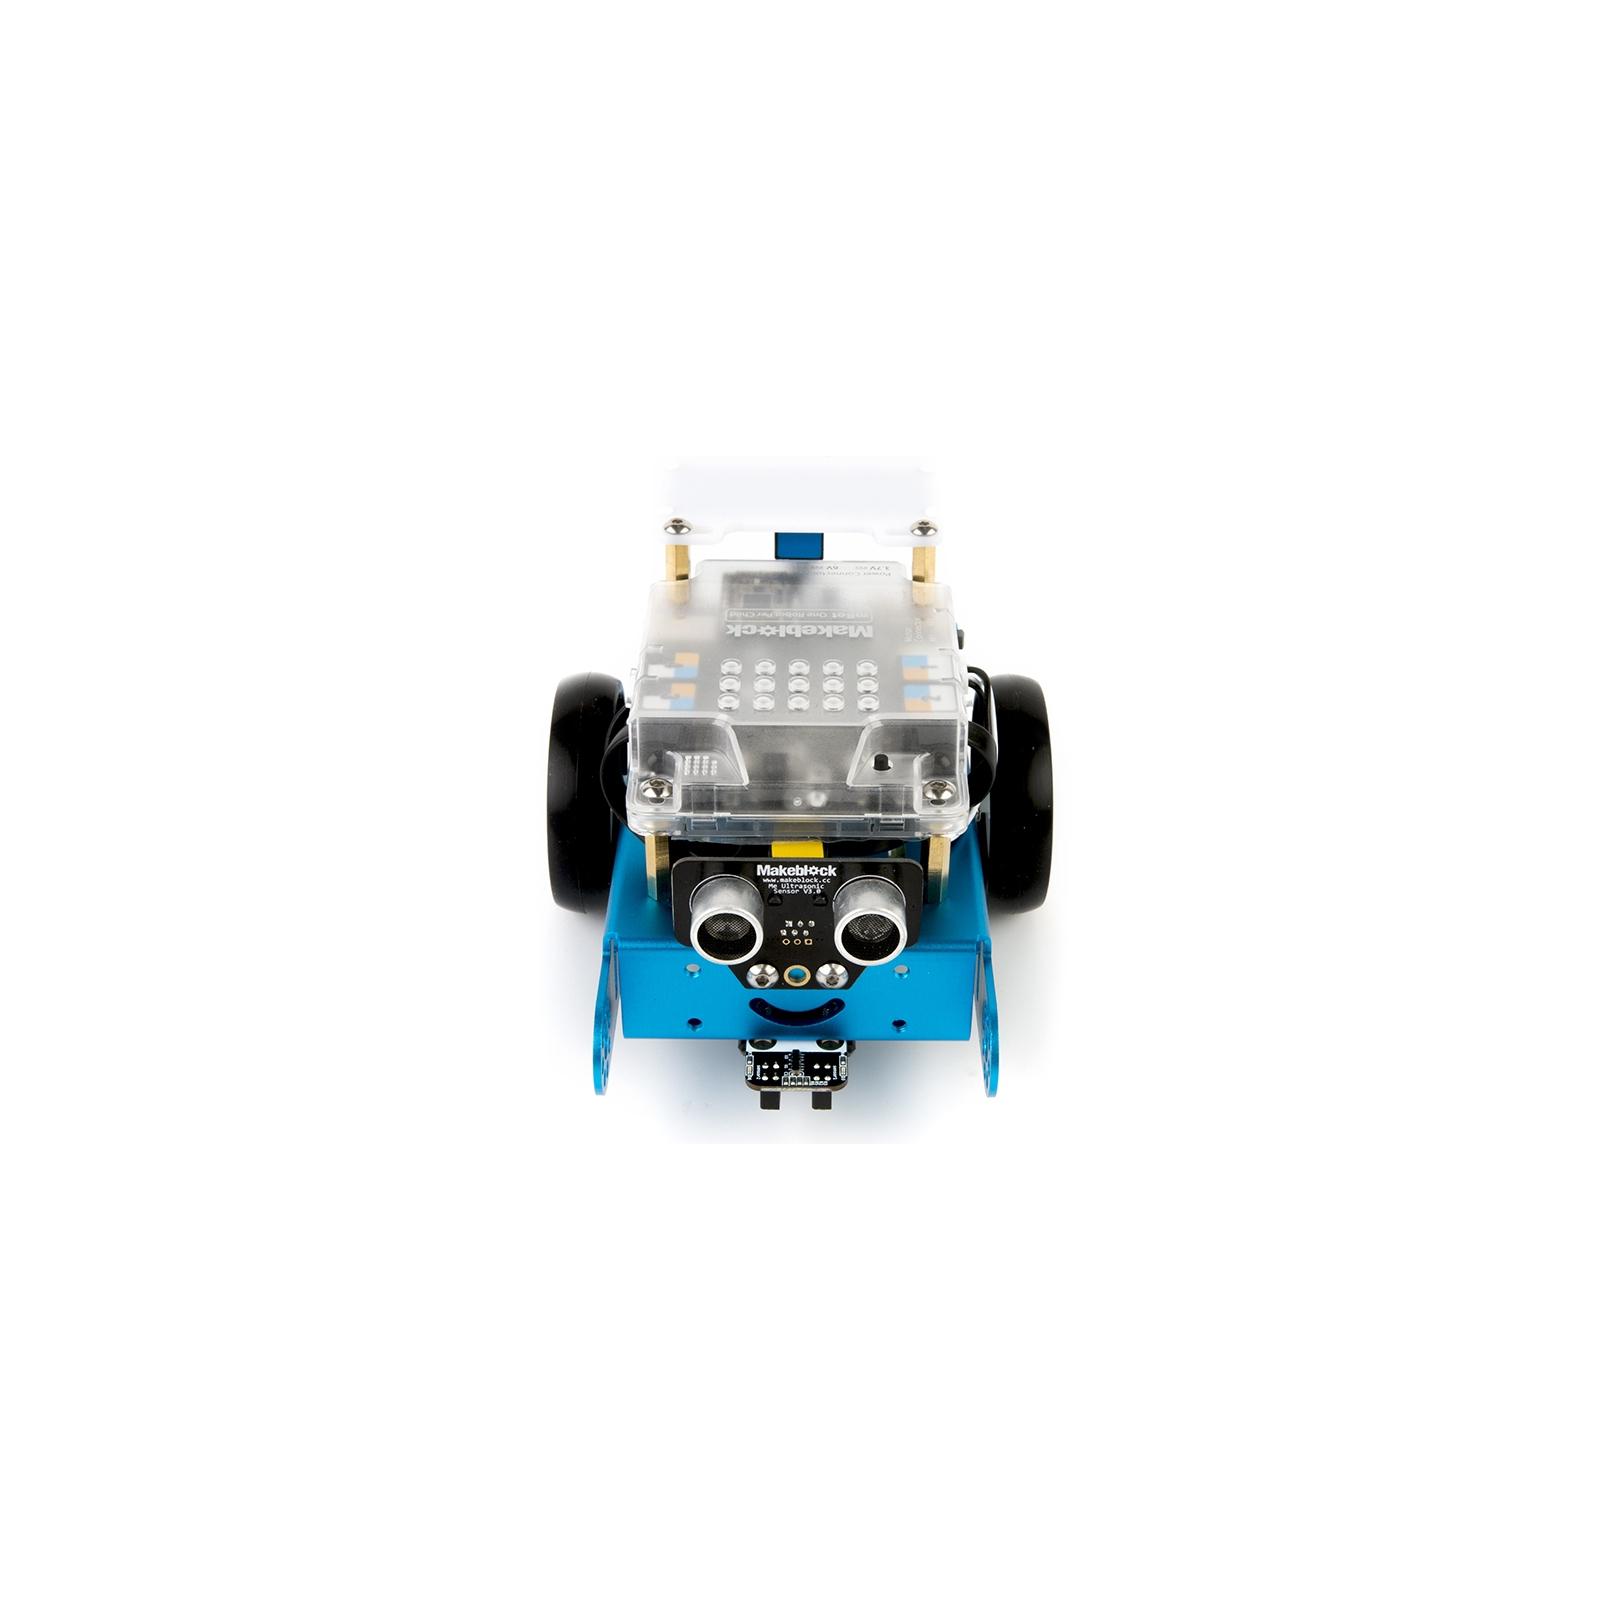 Робот Makeblock mBot S (P1010045) изображение 3